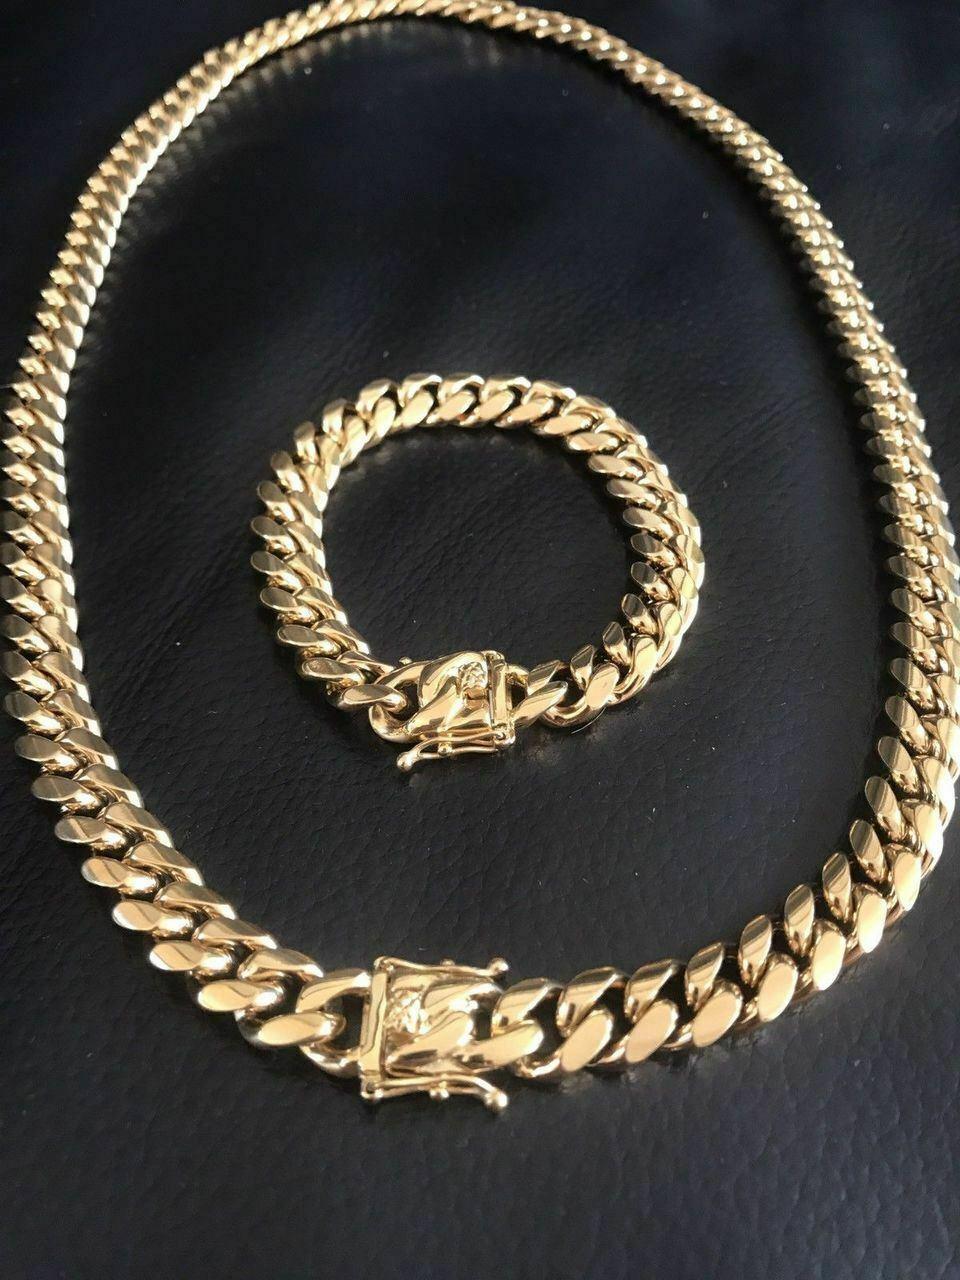 12mm erkek Miami Küba Link Bilezik Zincir Seti 14 K Altın Kaplama Paslanmaz Çelik